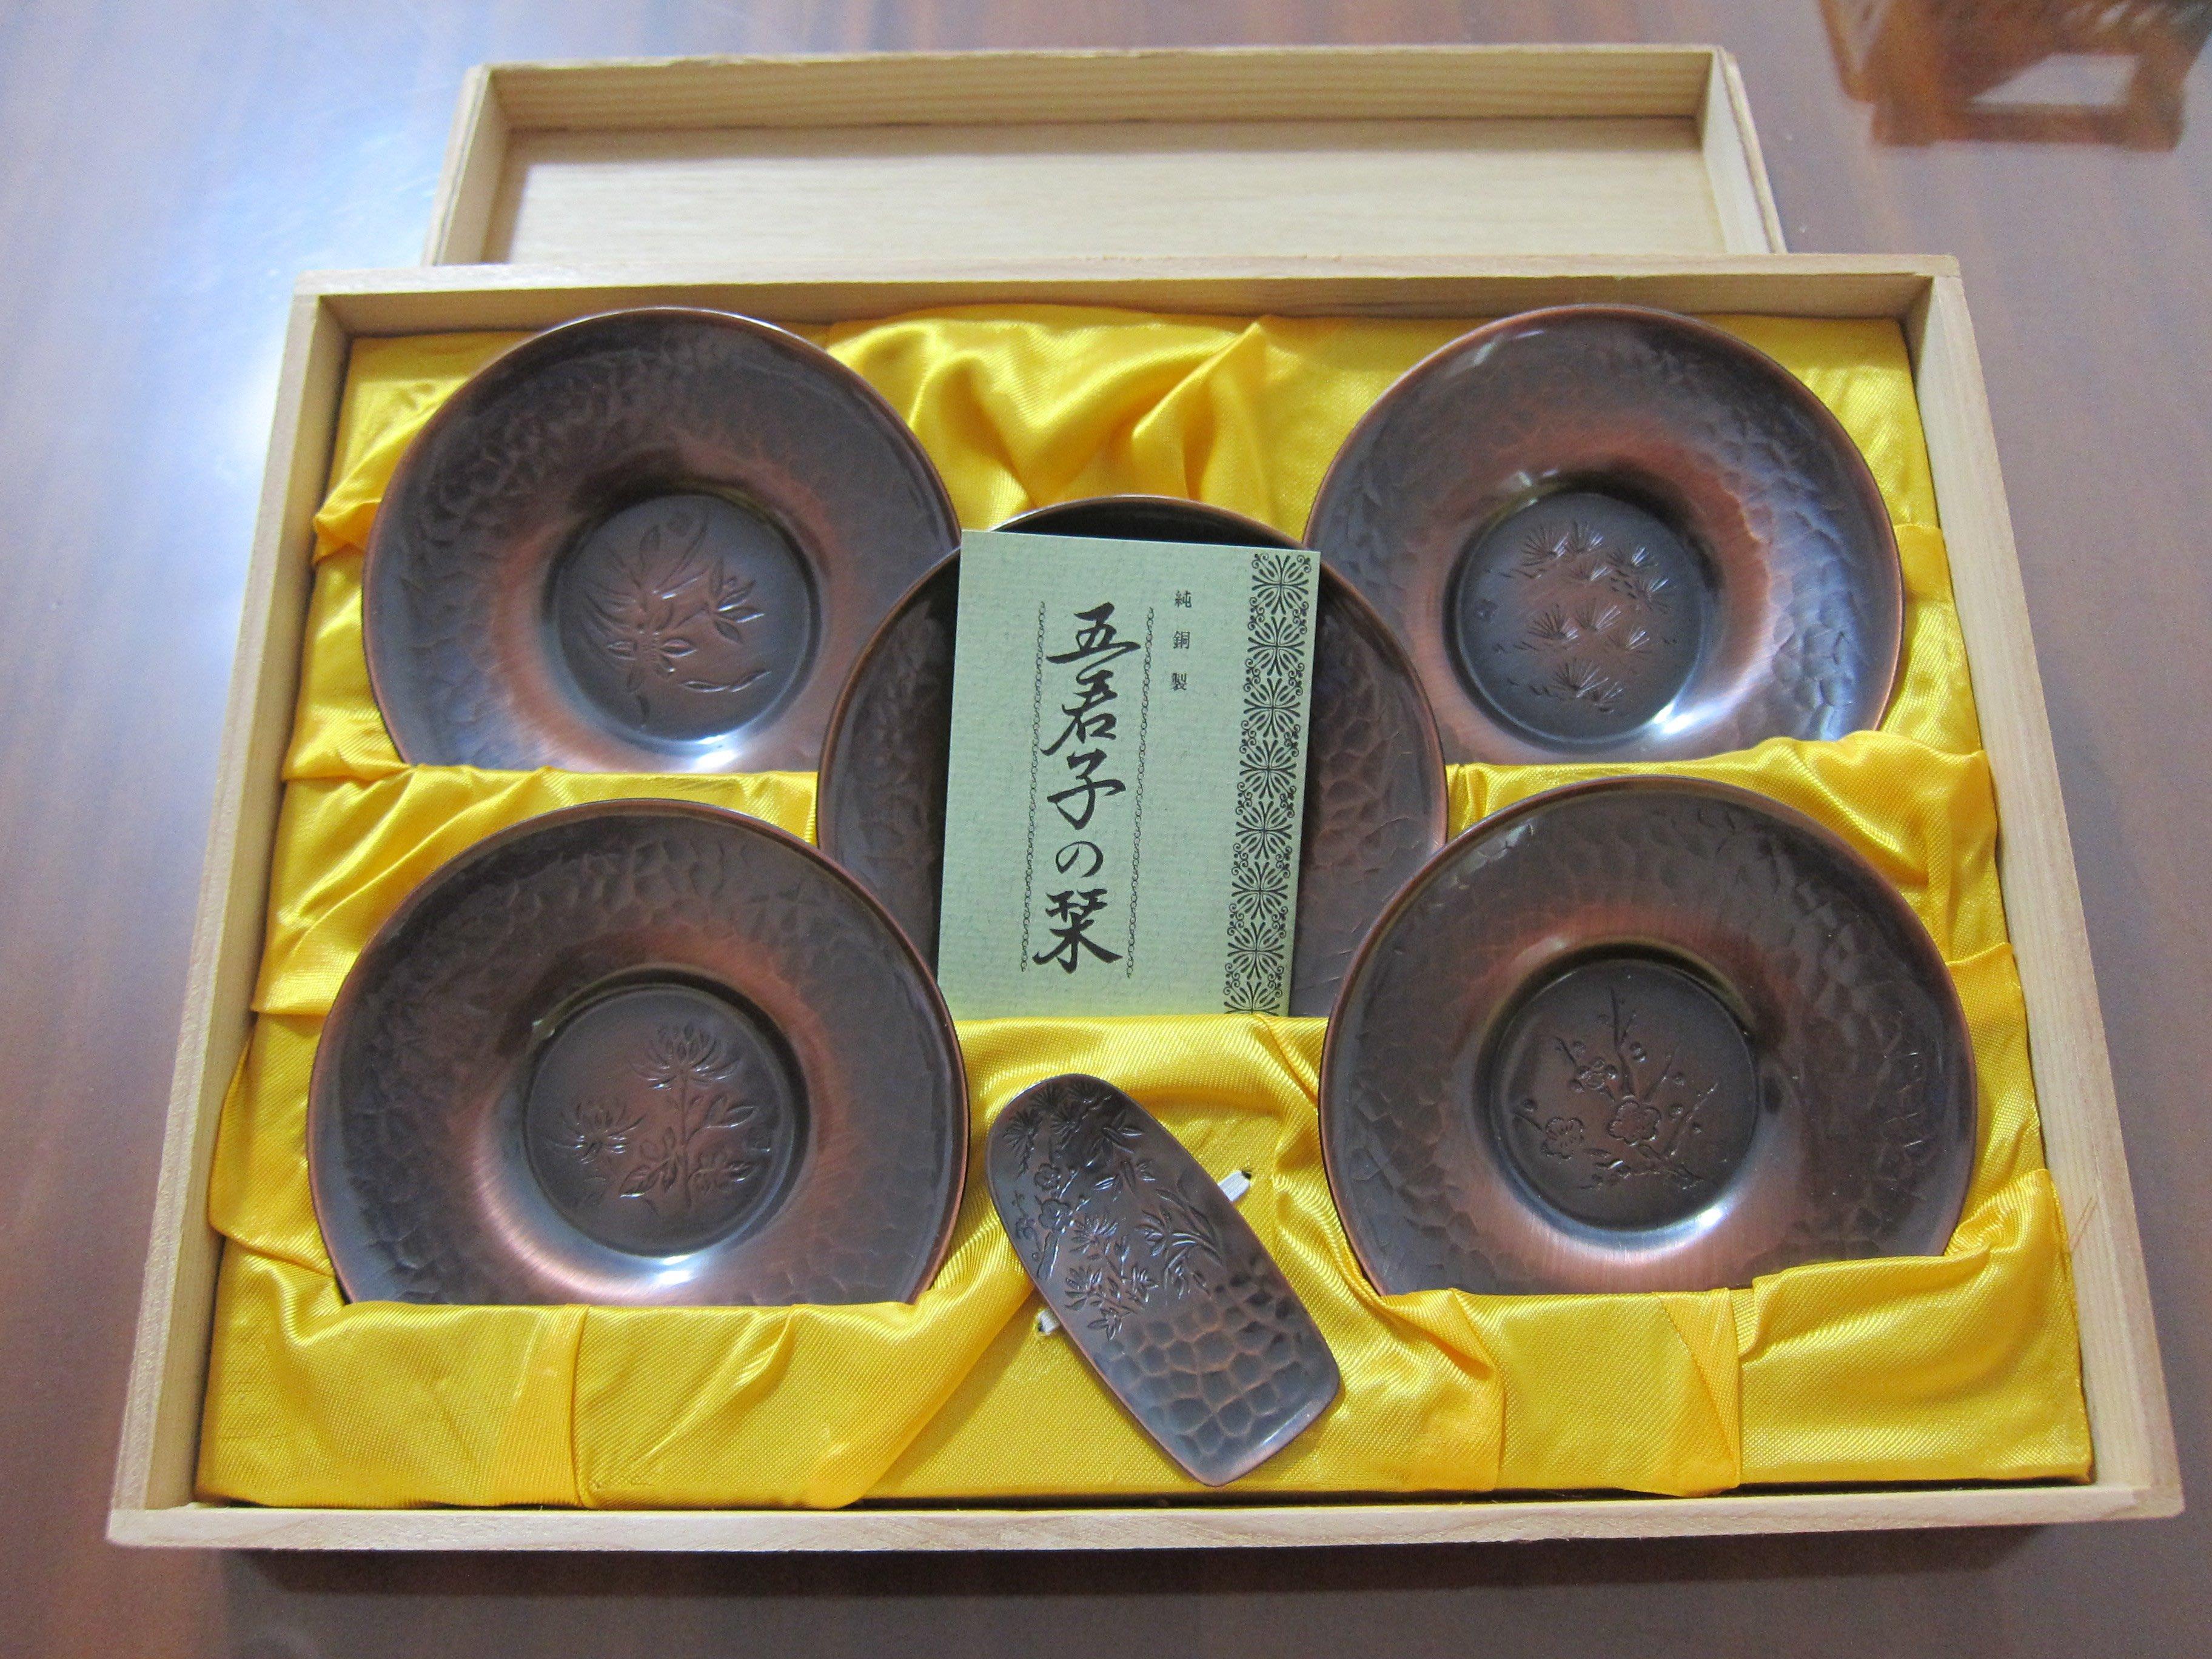 日本純銅製(非錫製)茶托、茶則、茶合